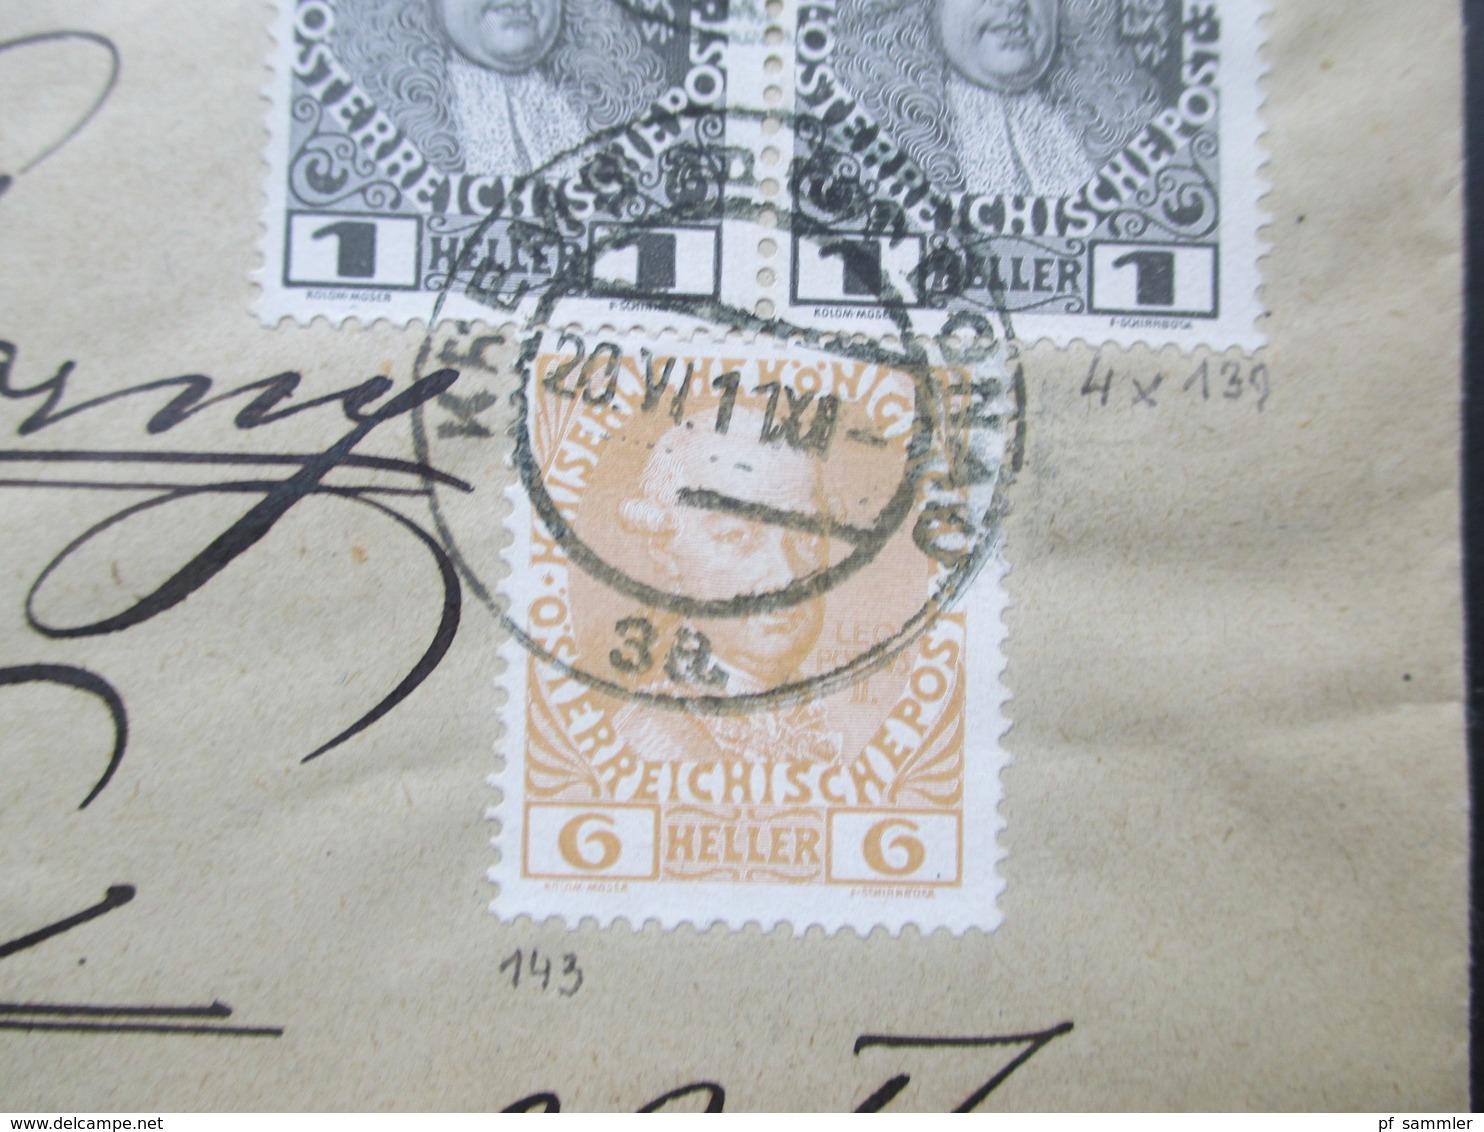 Österreich 1911 Brief Mit Nr. 139 Als 4er Block Und Nr. 143 MiF Vignette Bund Der Deutschen In Niederösterreich - Briefe U. Dokumente